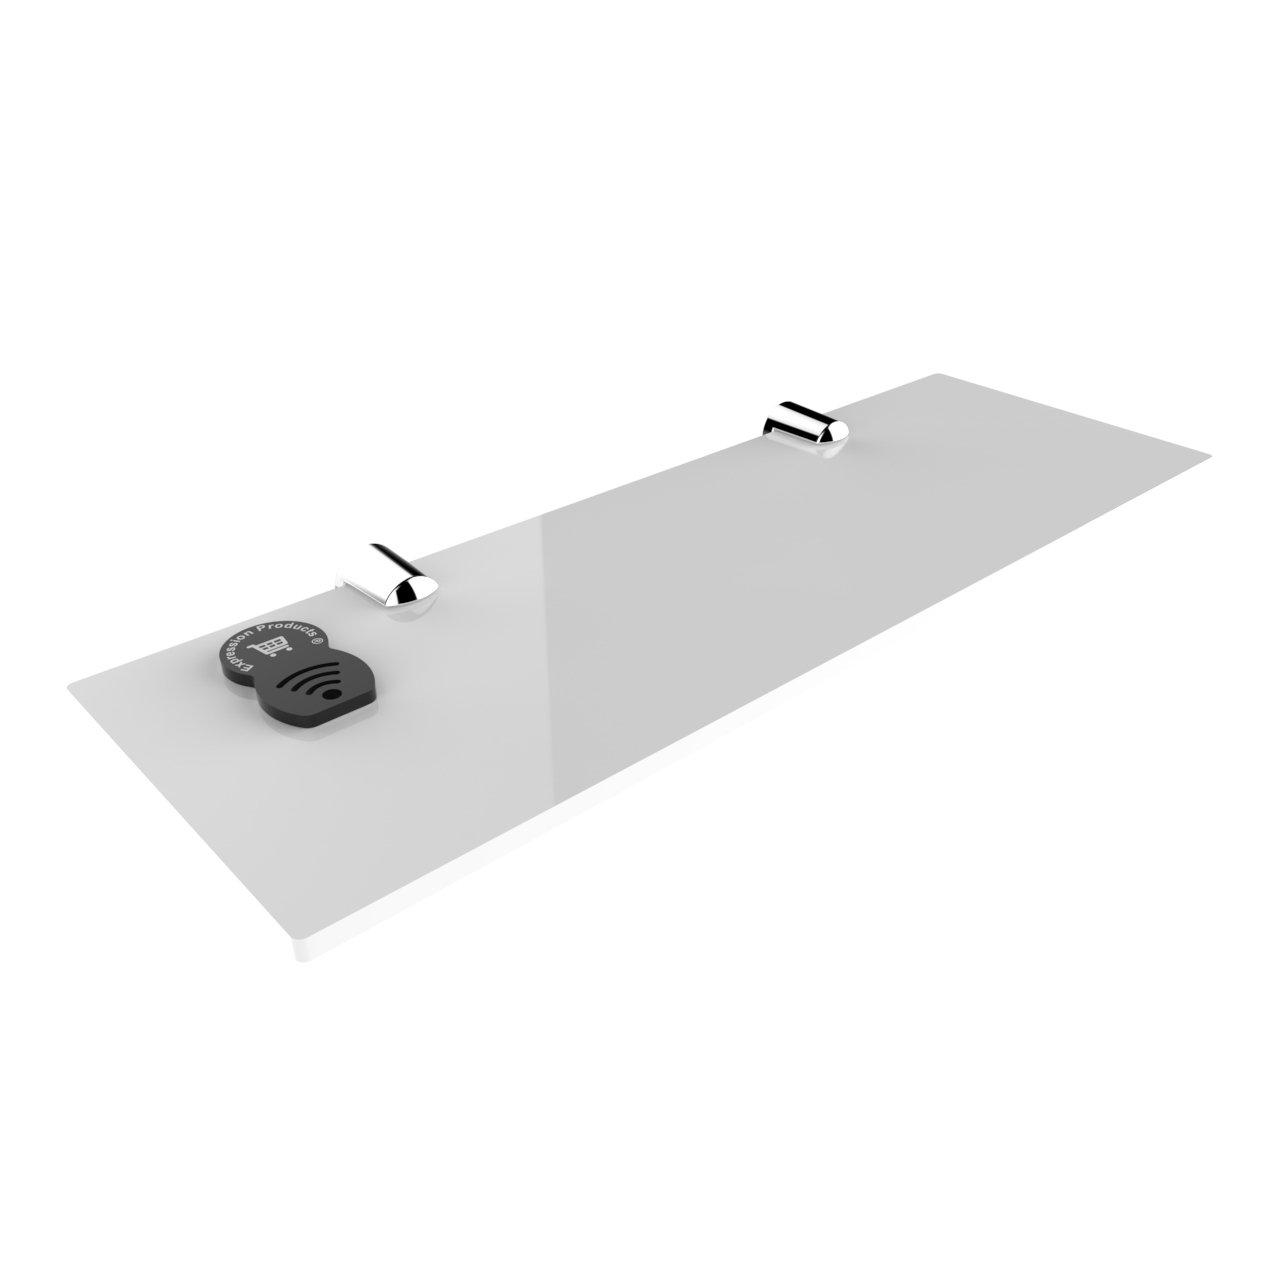 acr/ílico oficina o dormitorio Estanter/ía de pared para ba/ño fijaci/ón segura 300 x 100 mm